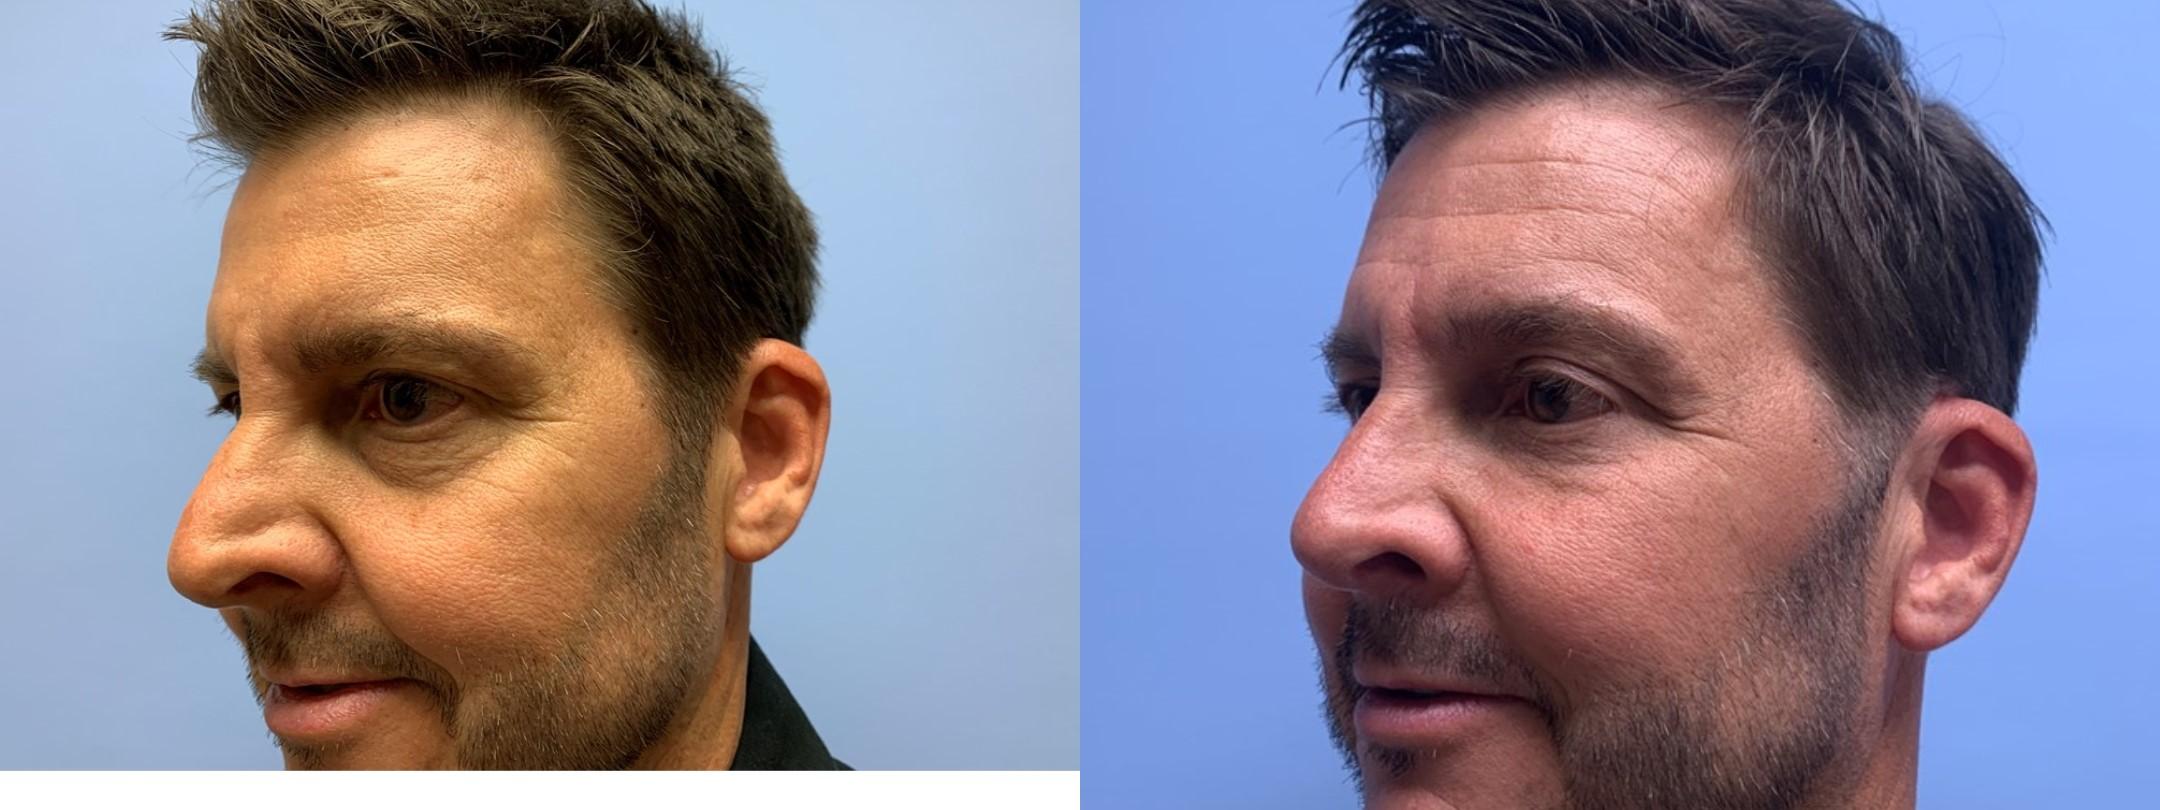 Eyelid Surgery Patient 33 | Dr. Shaun Parson Plastic Surgery, Scottsdale